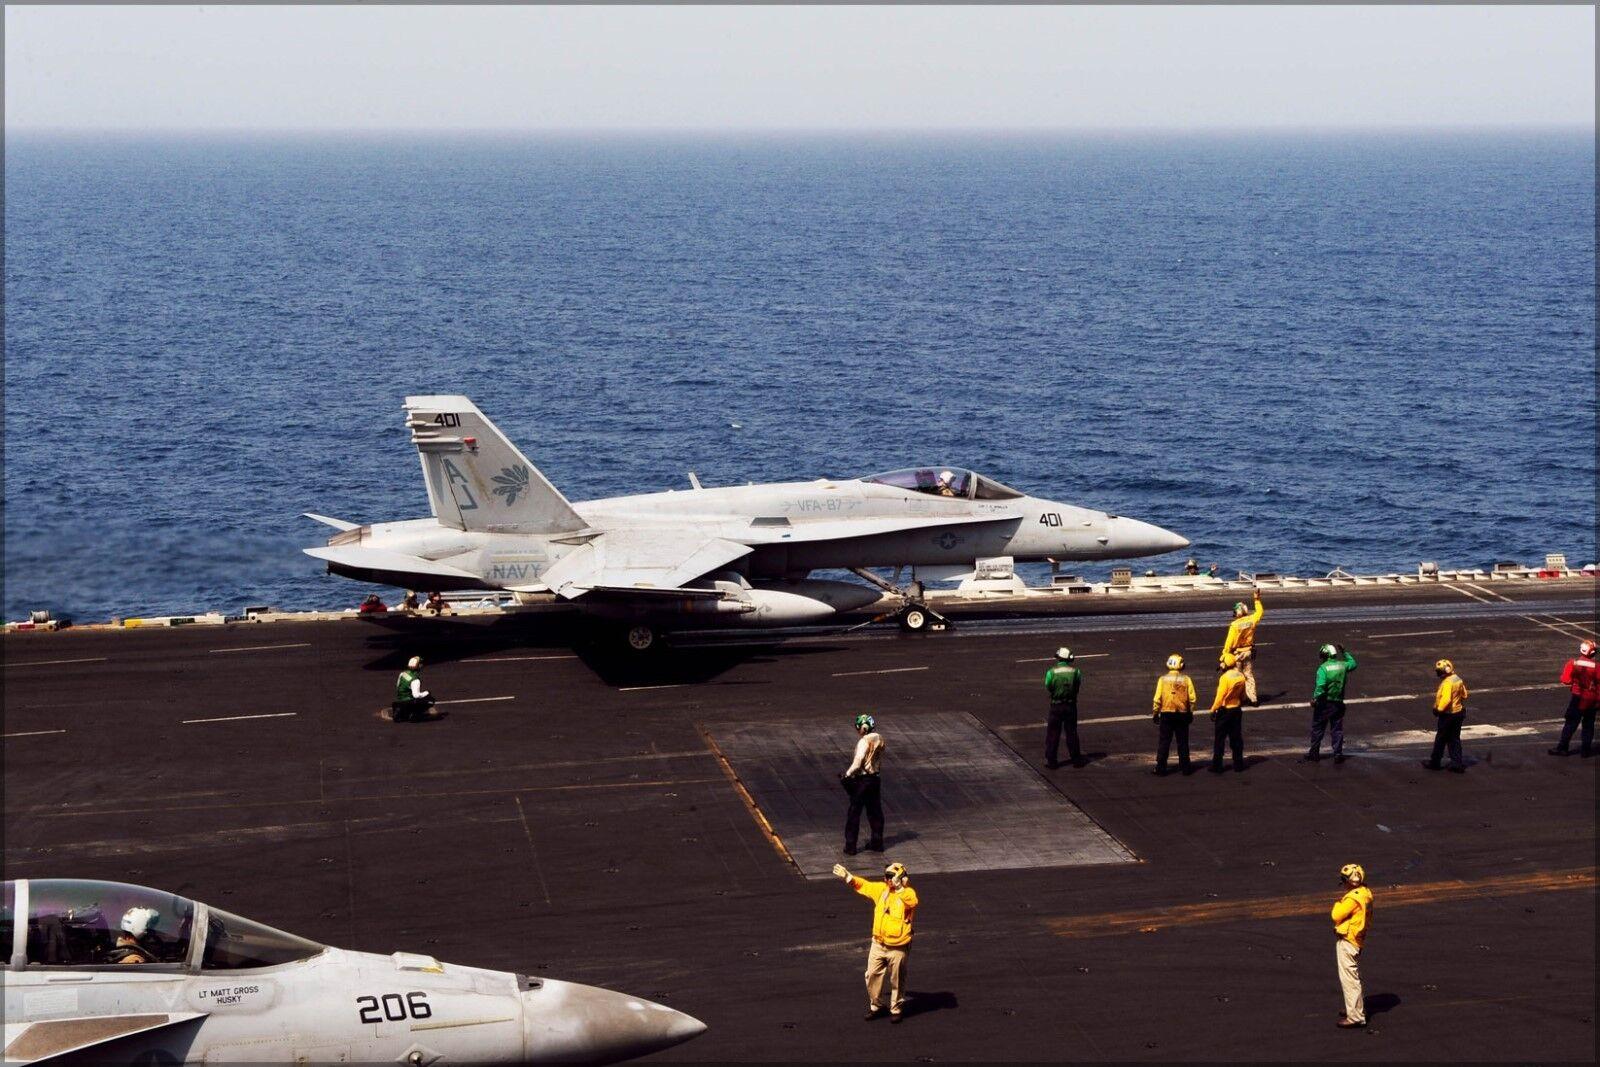 Poster, Molte Misure; Misure; Misure; Fa-18c Hornet F-18 Vfa-87 Dorato Warriors Uss George H. W. 75c6f1